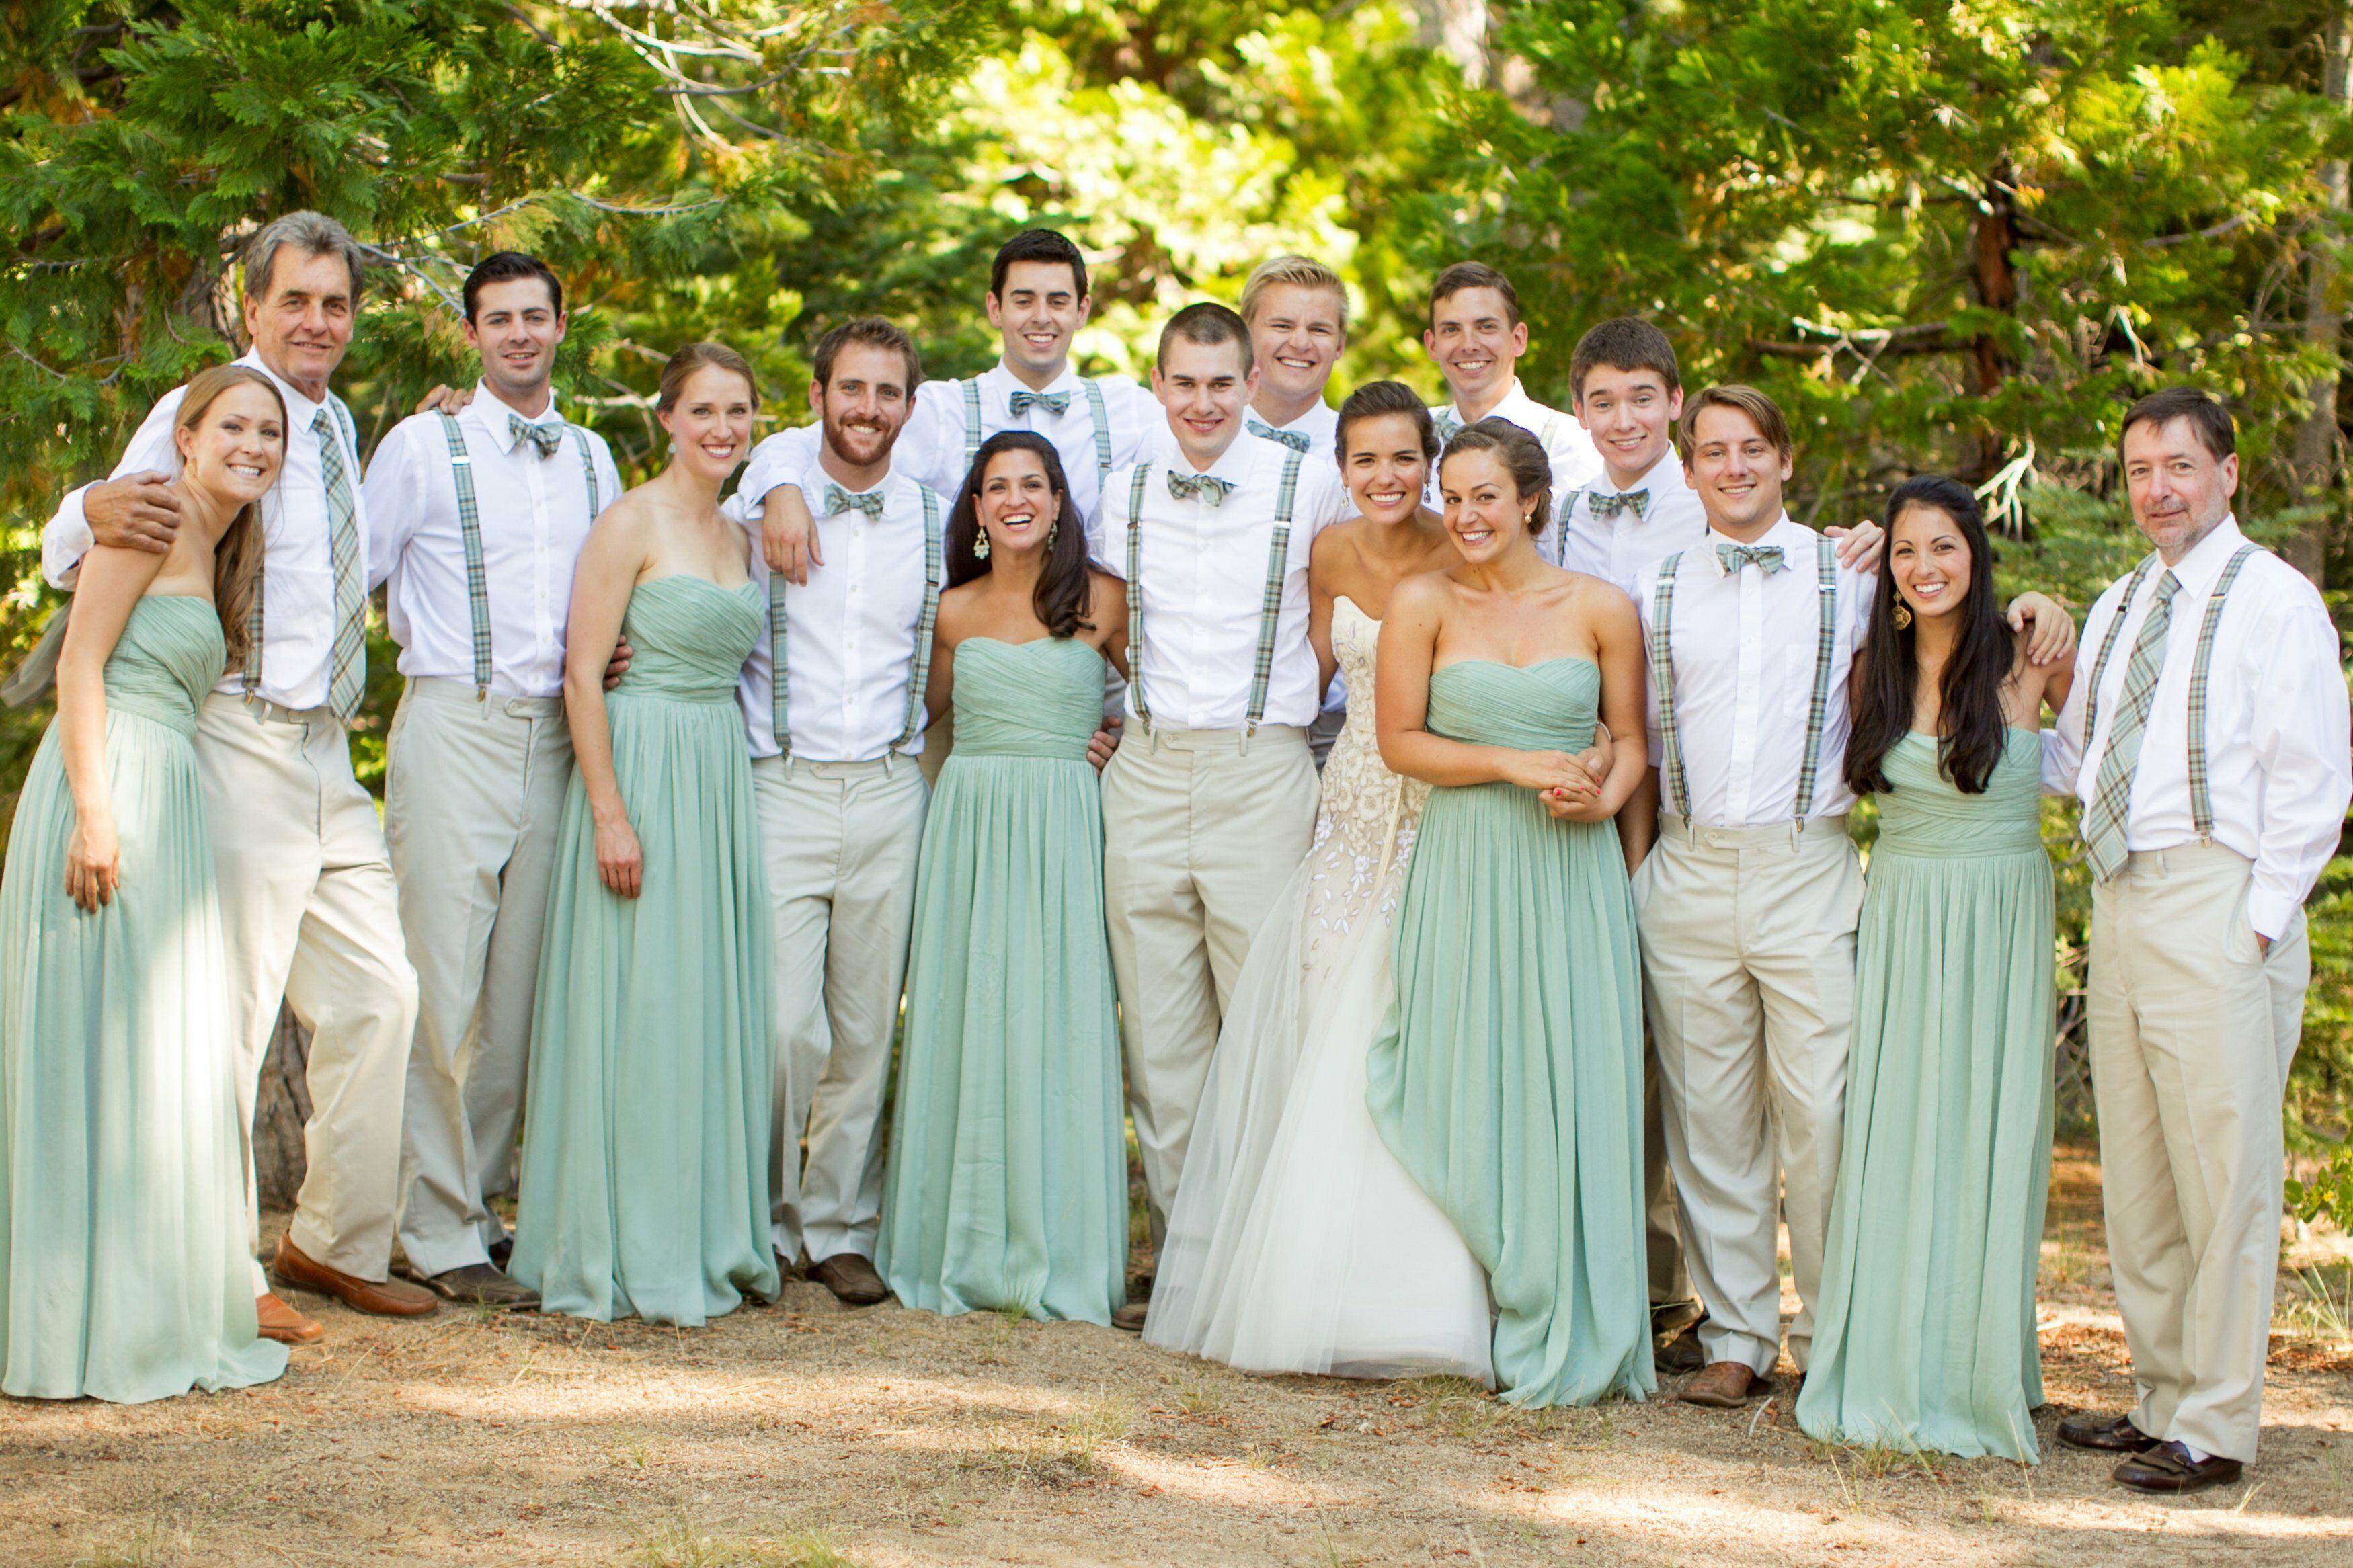 da3e587ded Casual Bridal Party Attire